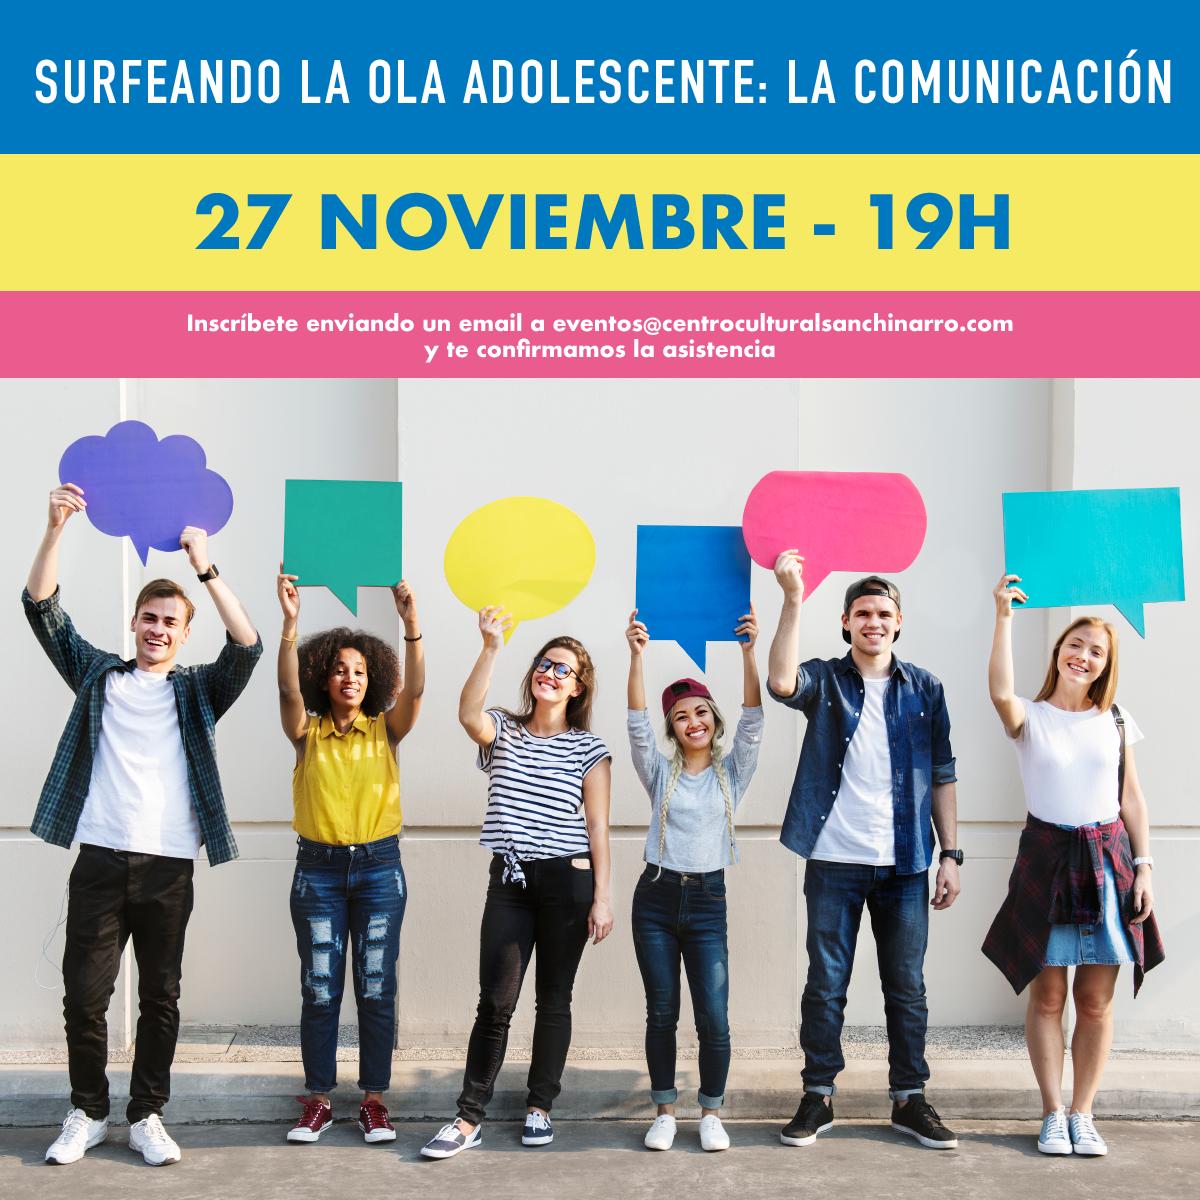 SURFEANDO LA OLA ADOLESCENTE: LA COMUNICACIÓN